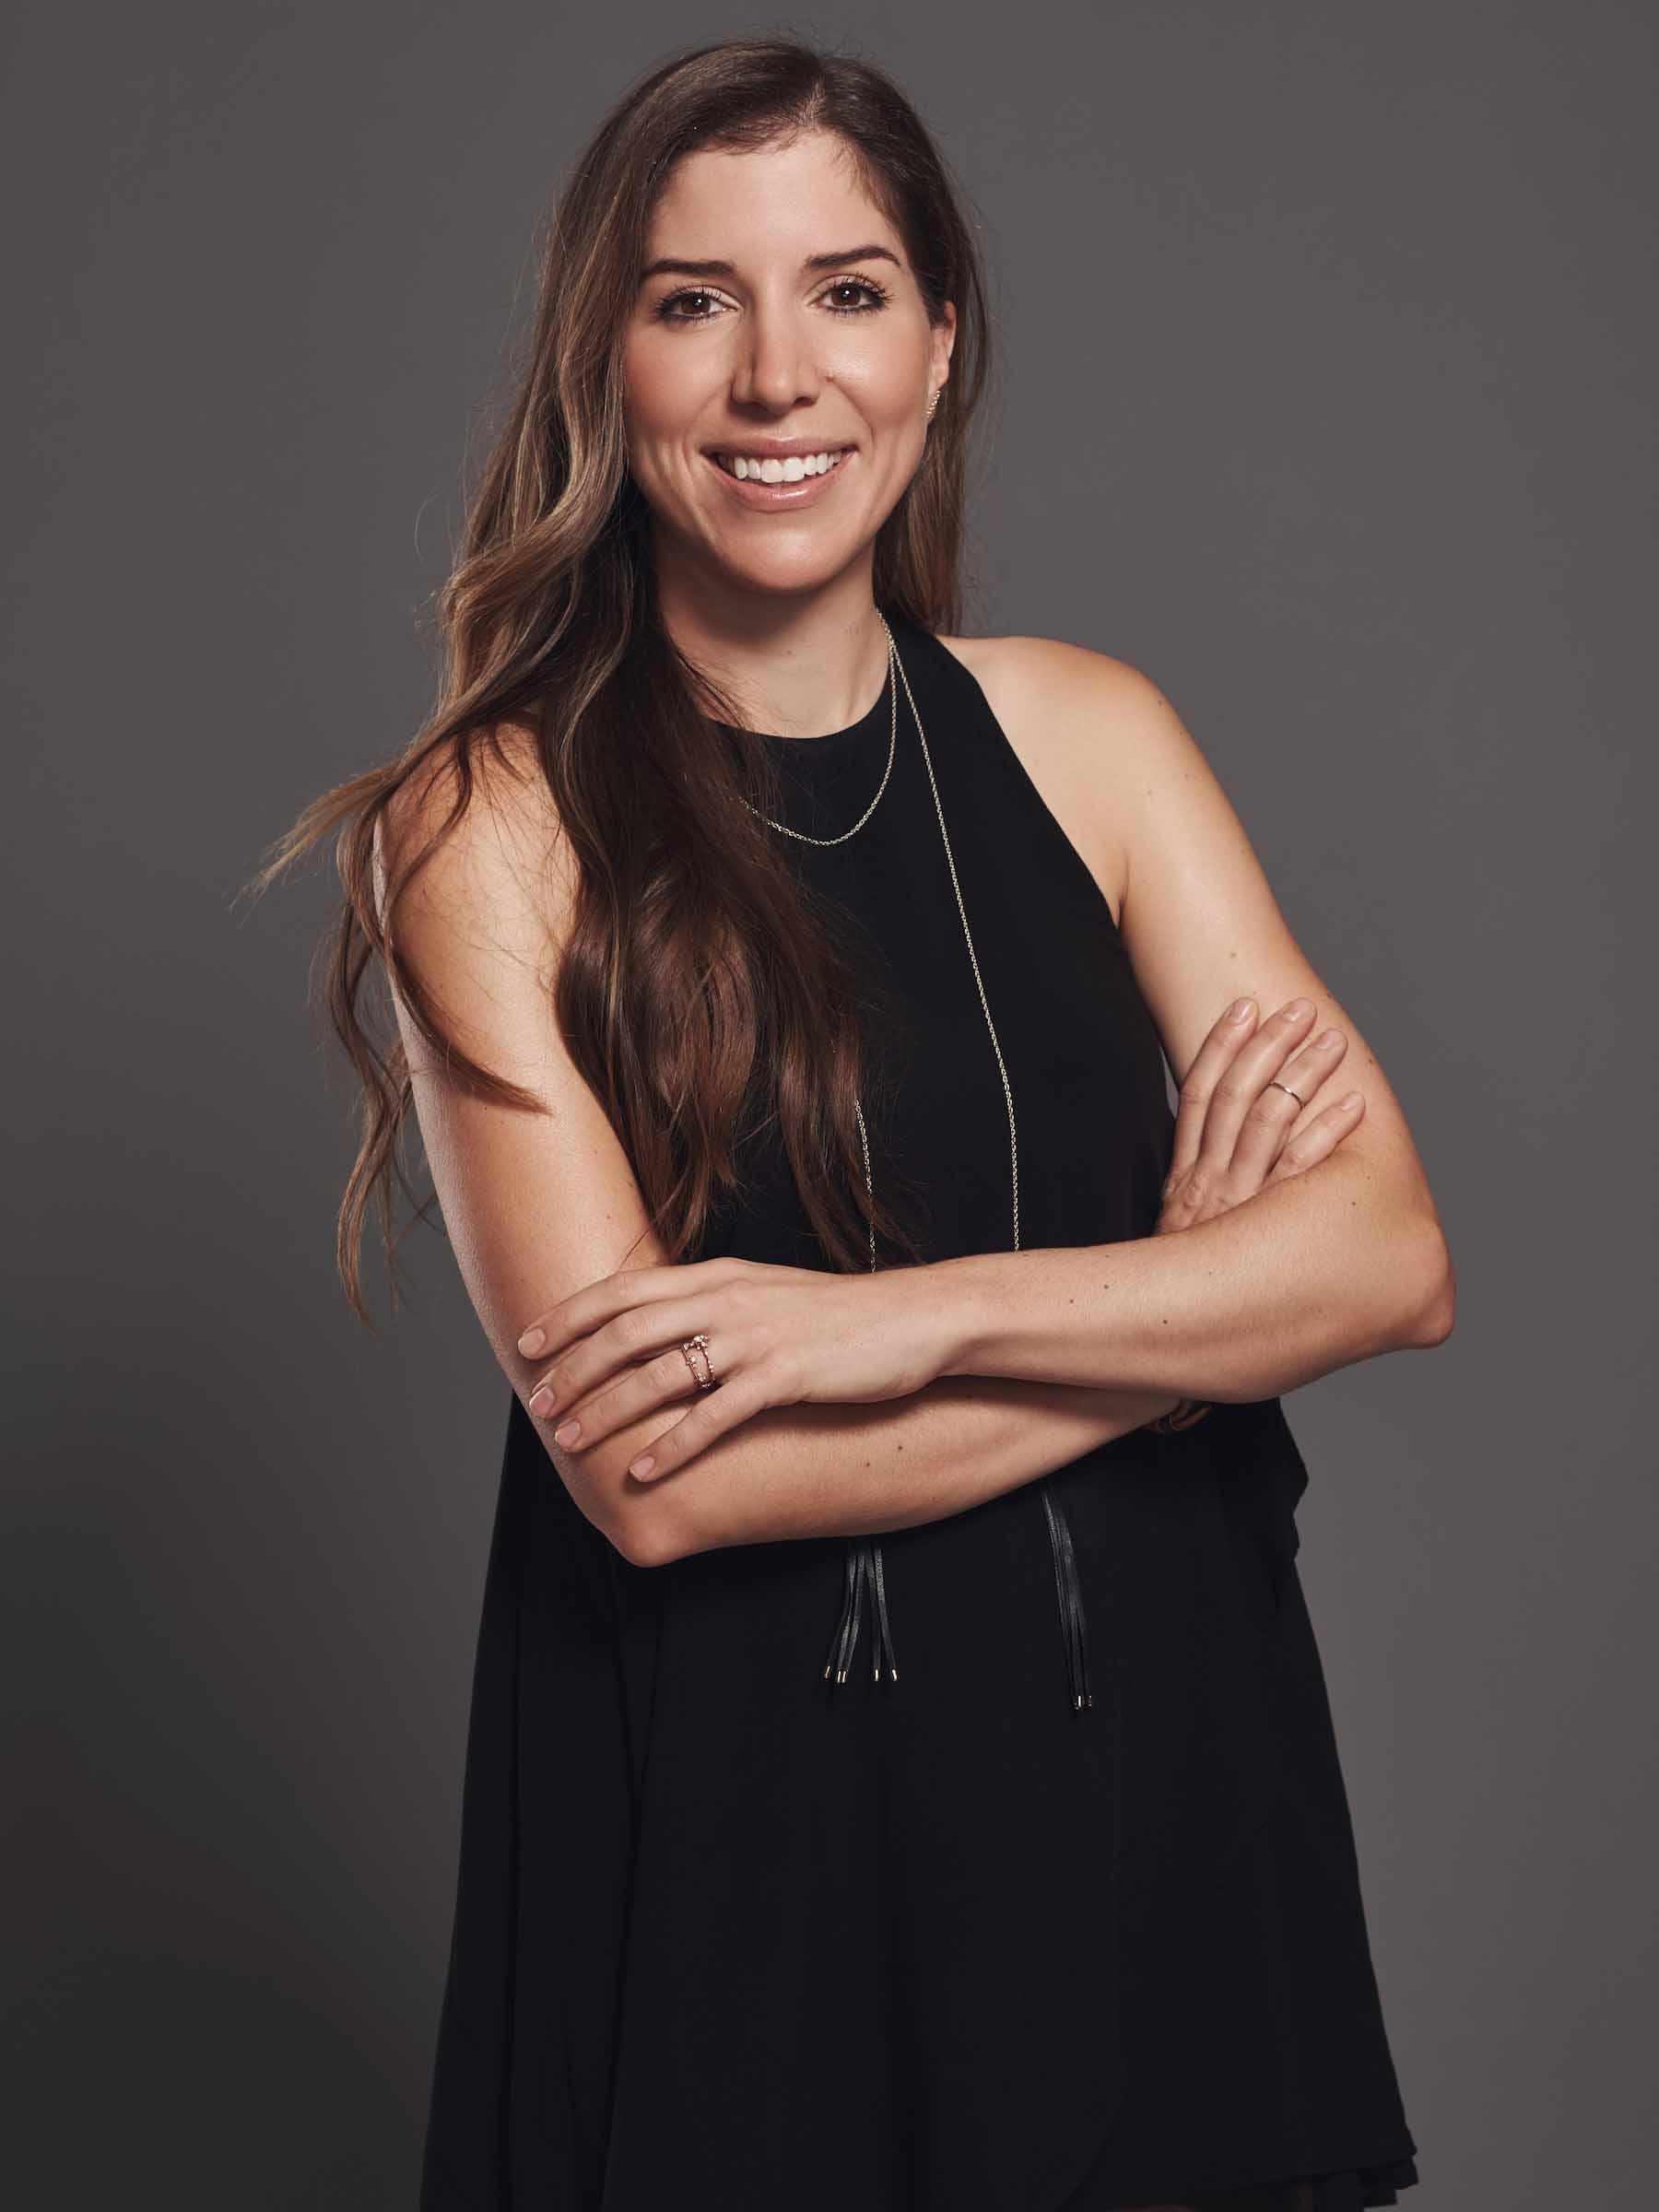 Ashley Mayo